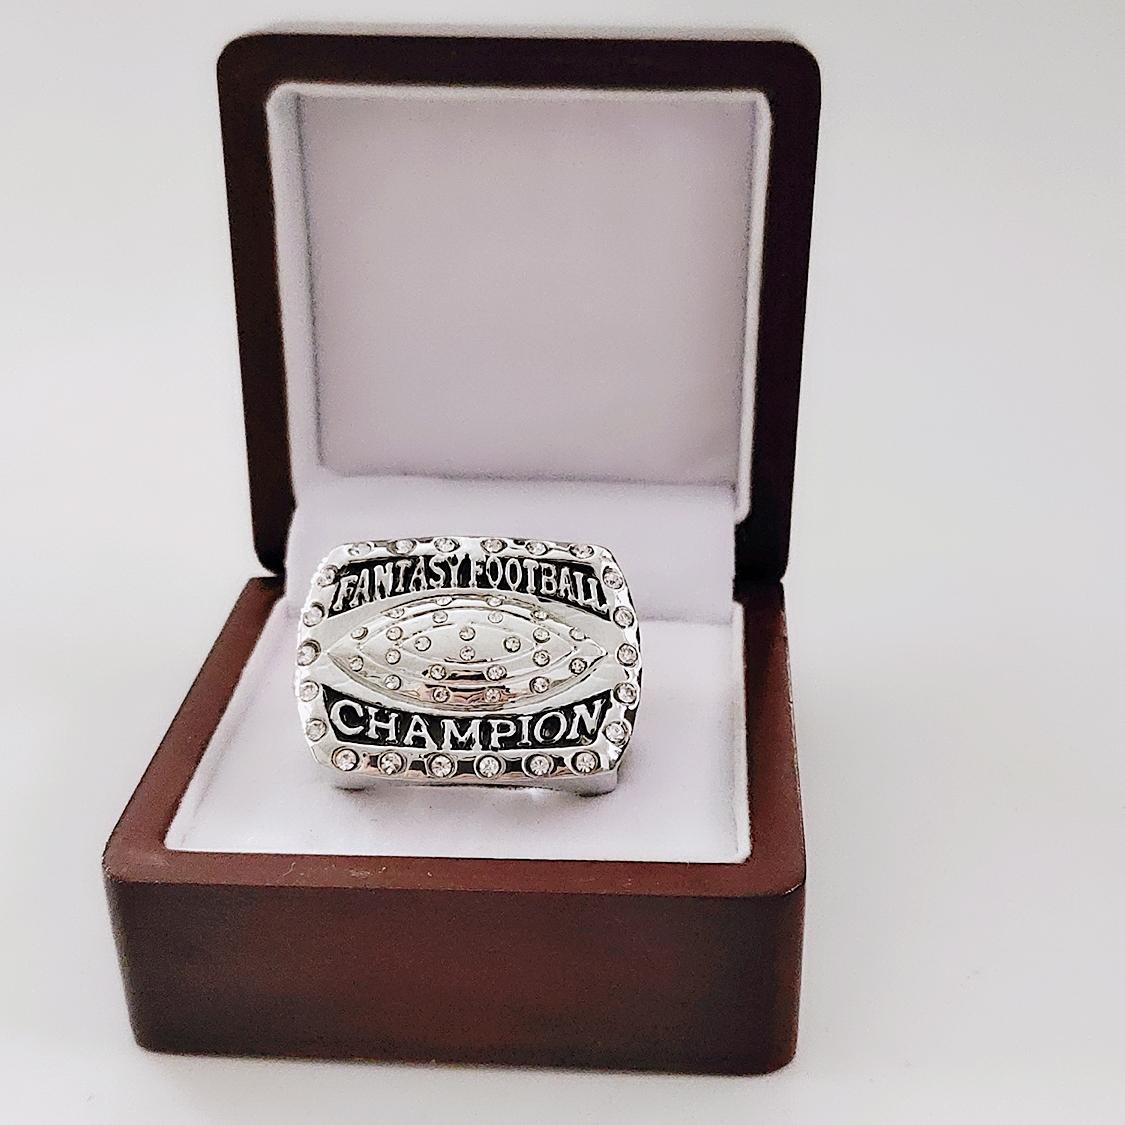 2019 Оптовая 2016 фэнтези-футбол чемпион чемпионат кольцо мода кожаная сумка частей аксессуары